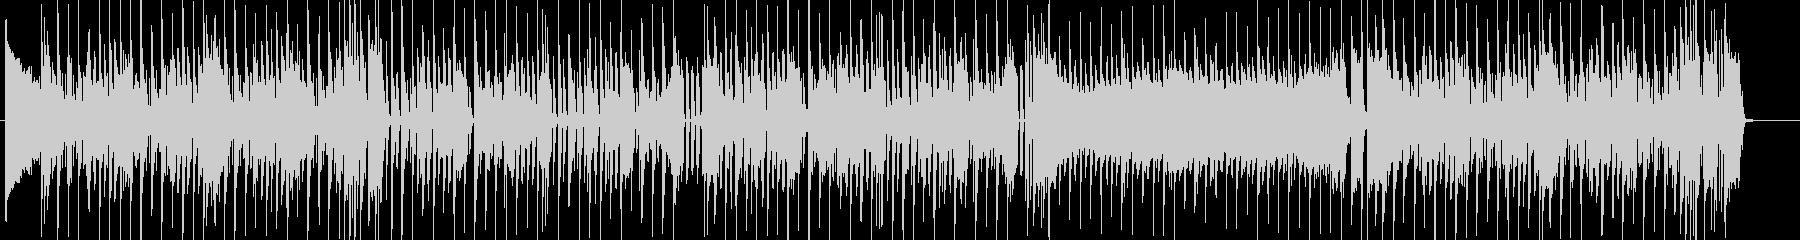 生サックス お洒落なエレクトロスウィングの未再生の波形